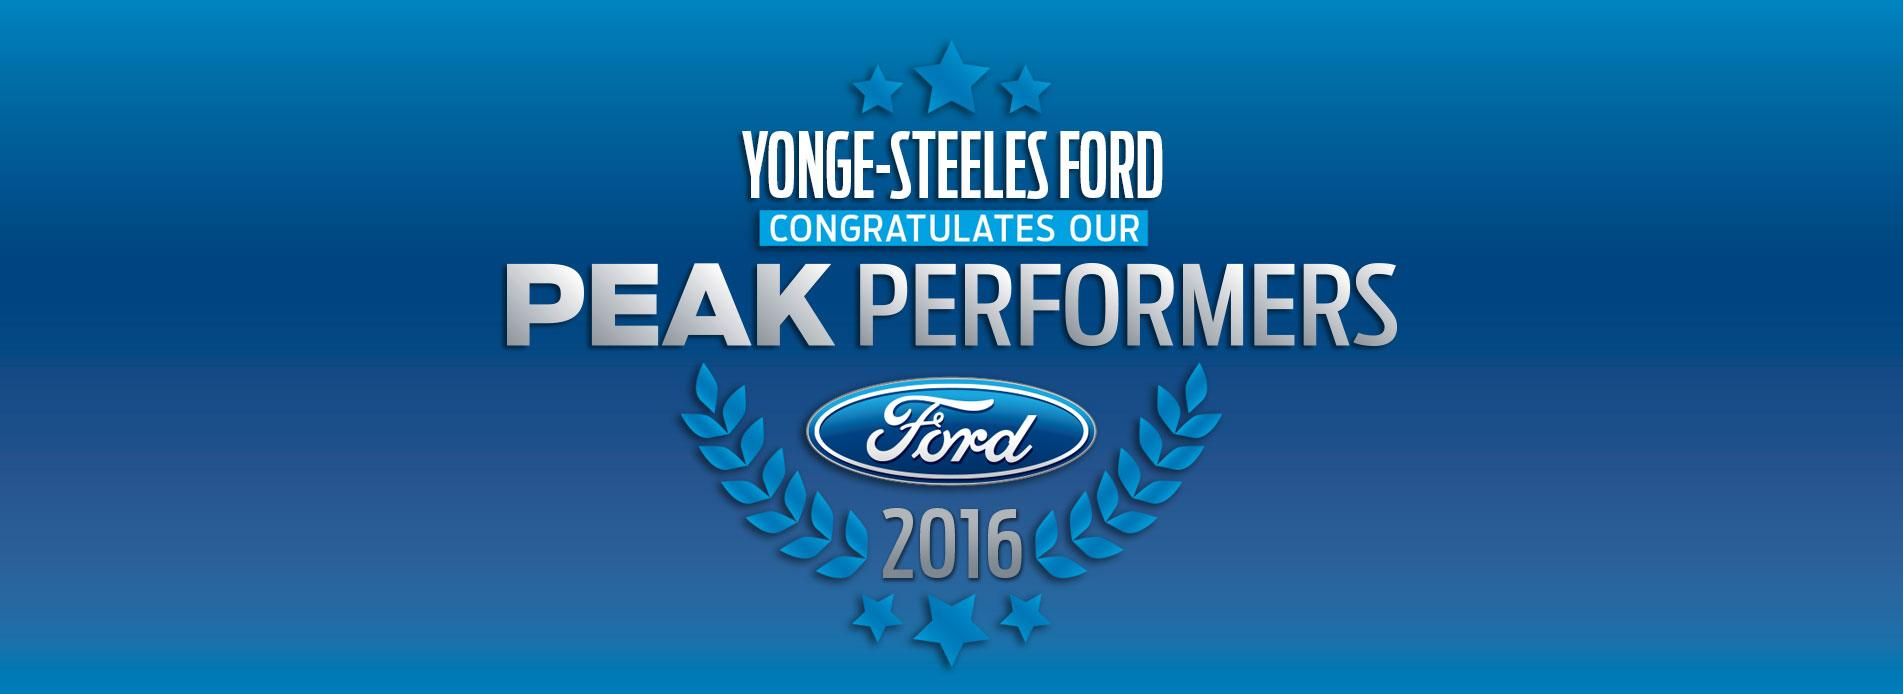 Yonge-Steeles Ford - Peak Performers